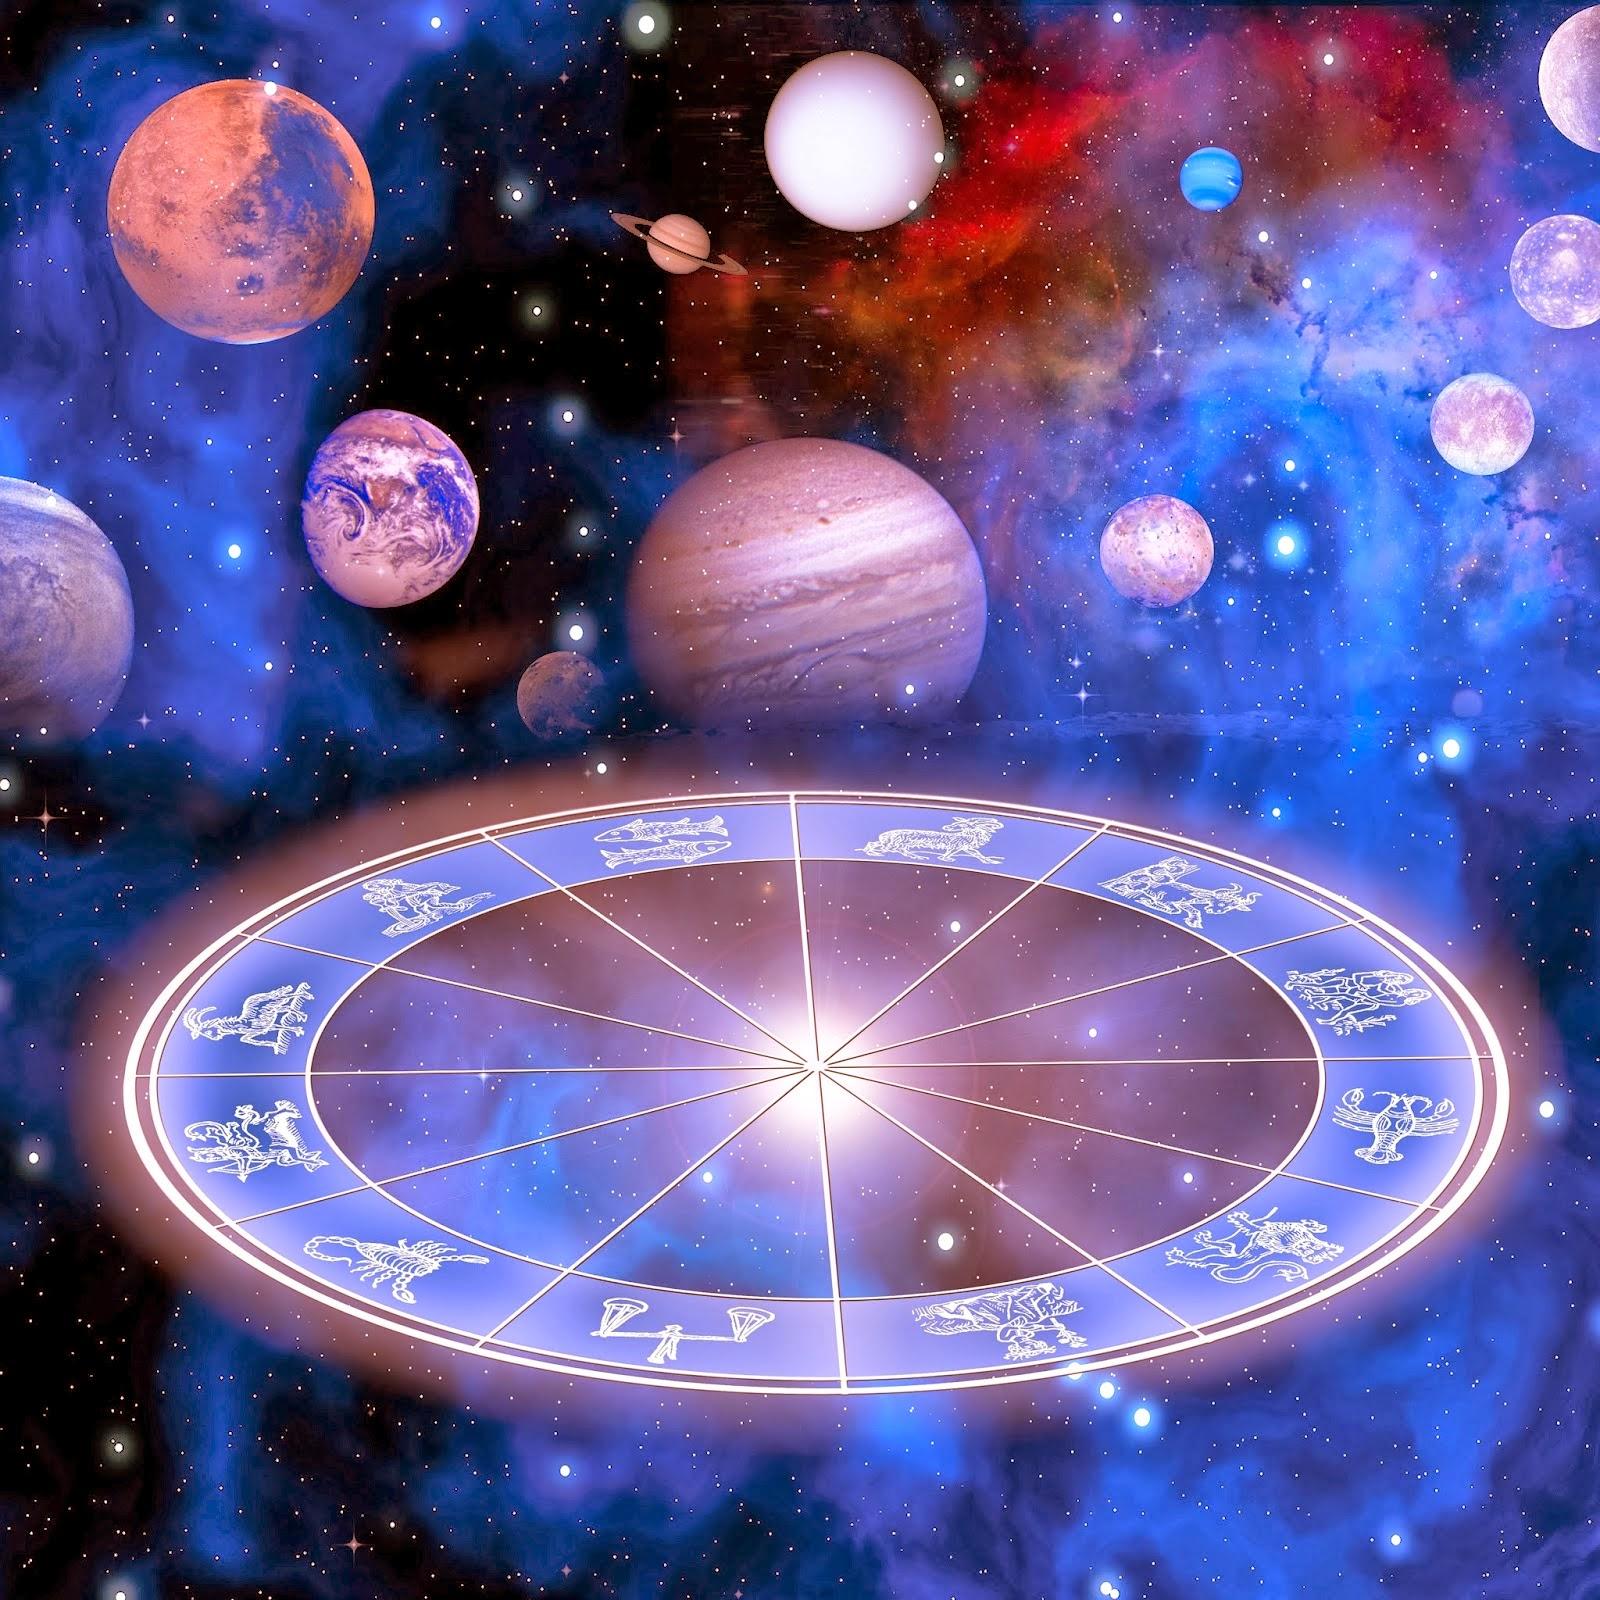 Para qué sirve la astrología?